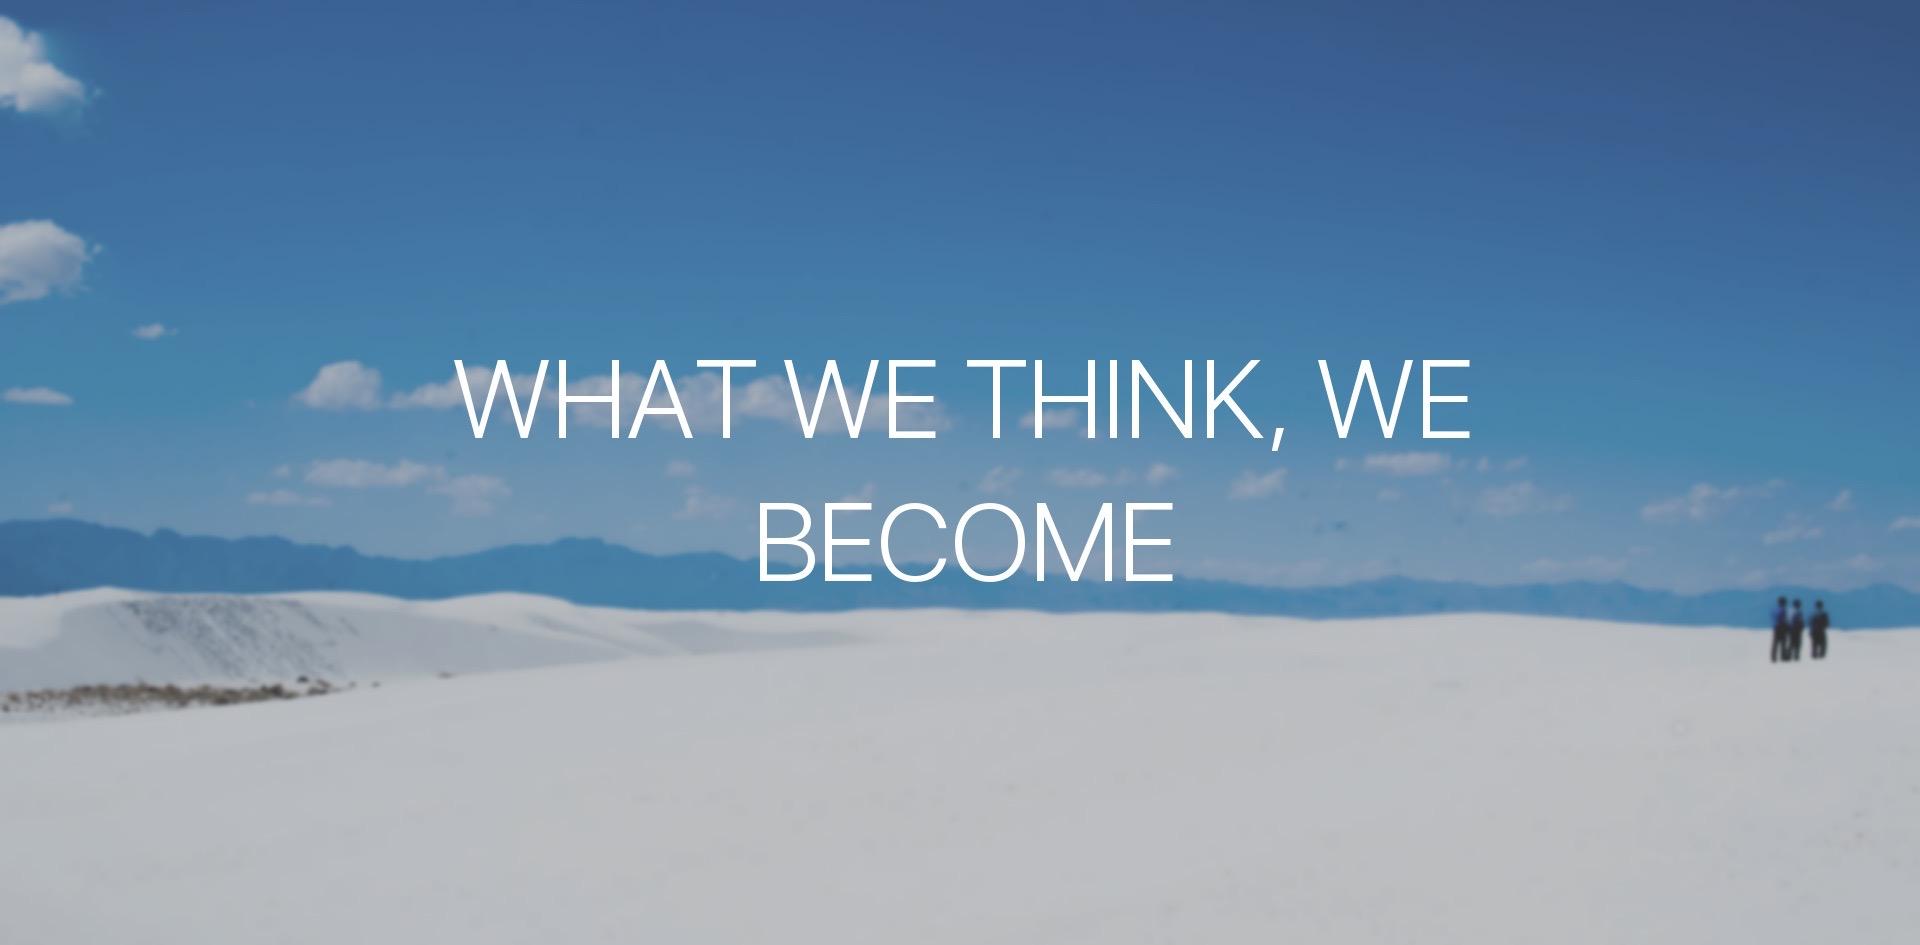 buddha-quote-what-we-think-we